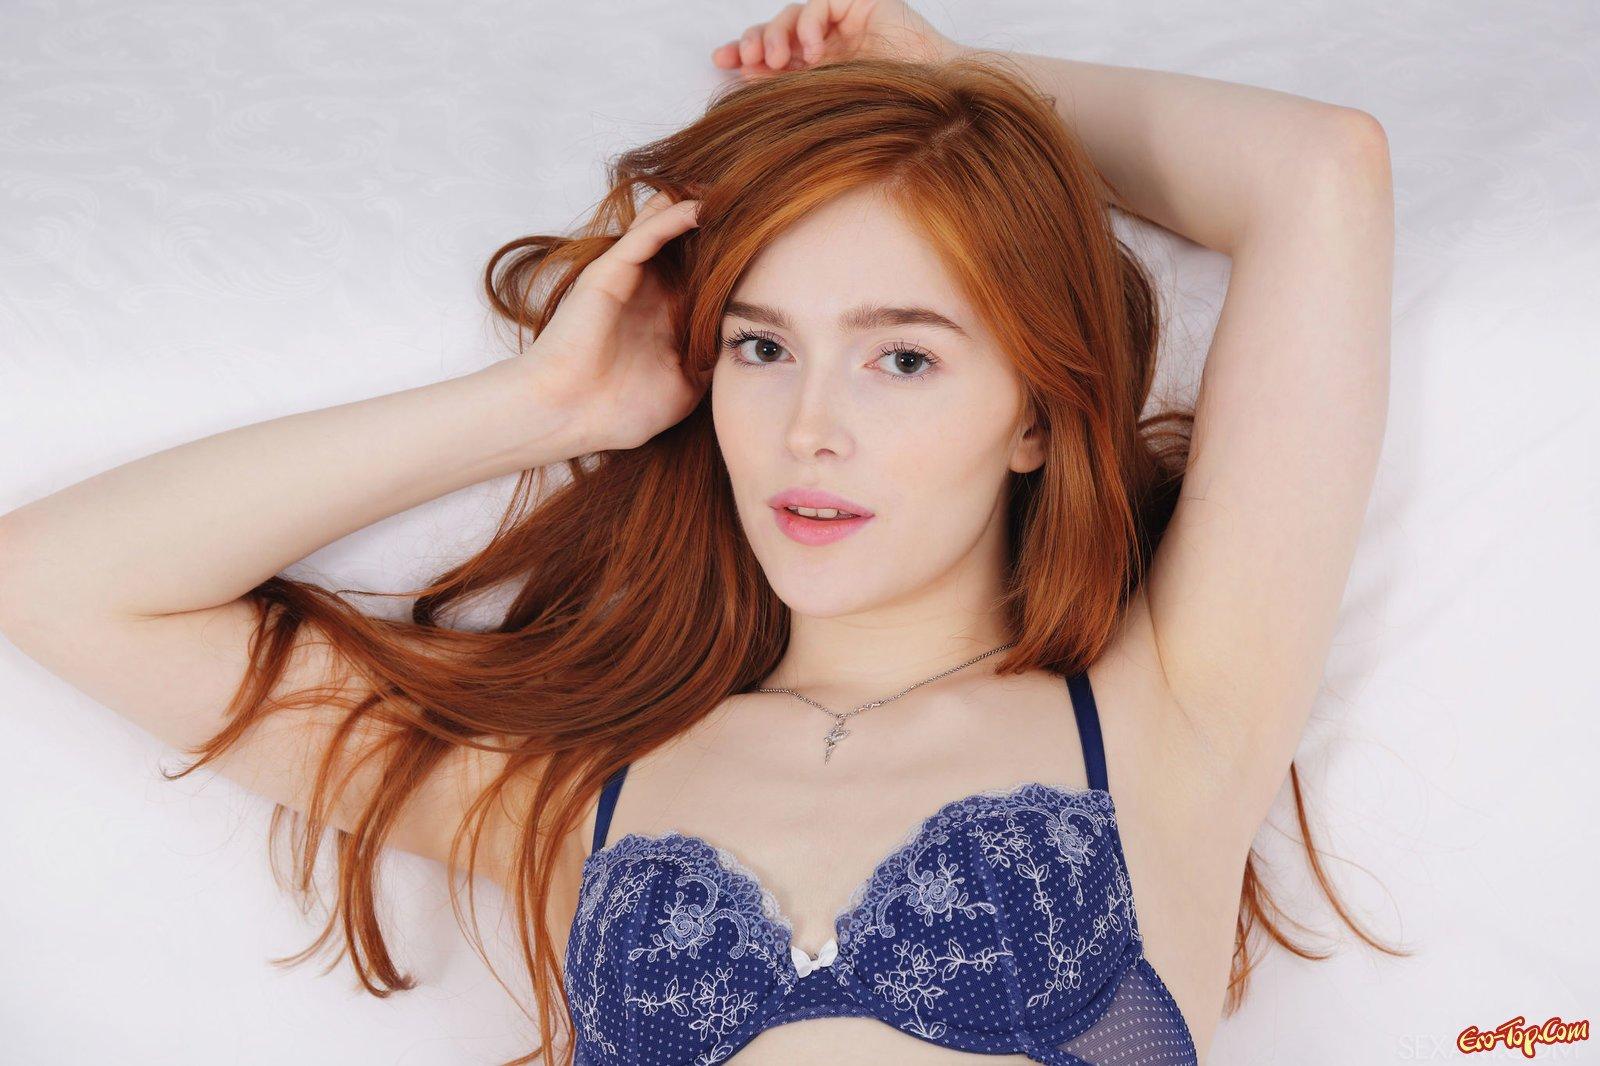 Возбужденная рыженькая красавица в нижнем белье в спальне